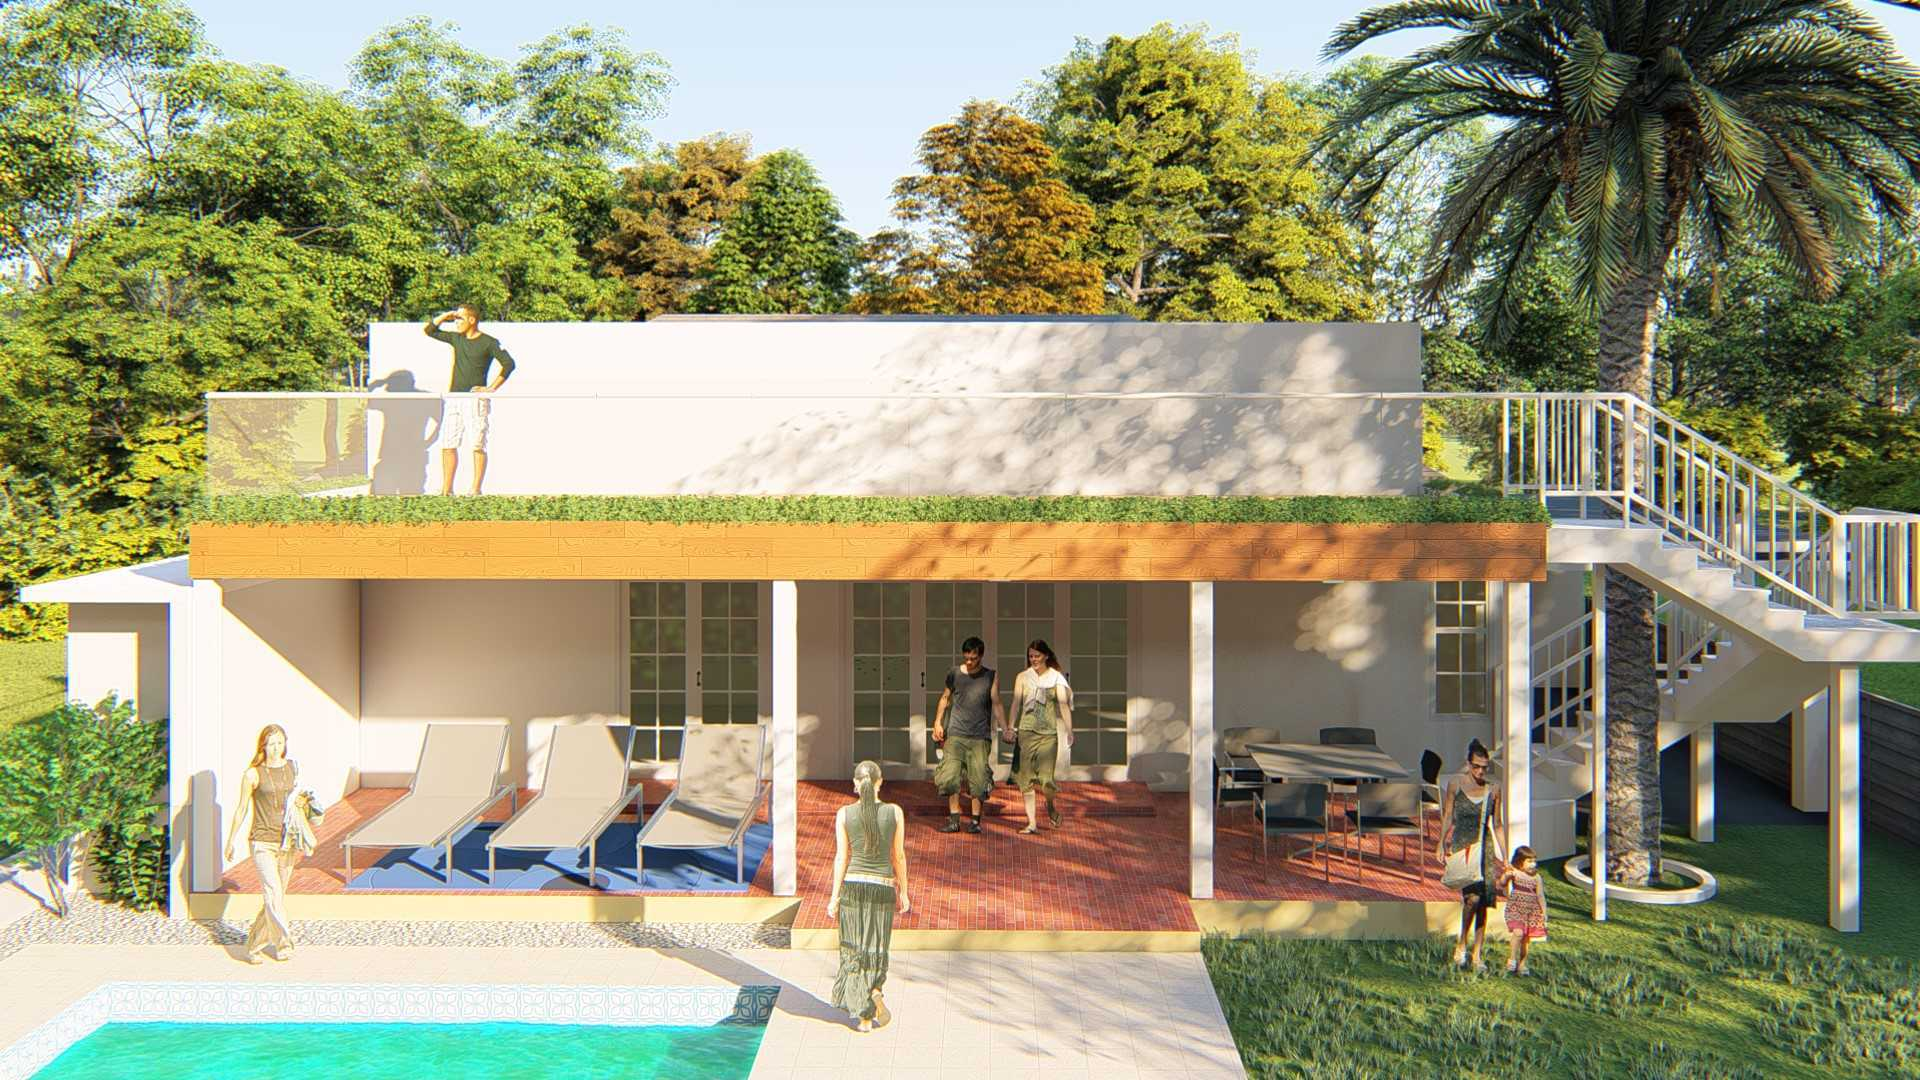 Muhammad Imaaduddin  Ayala Guest House Amerika Serikat Amerika Serikat Muhammad-Imaaduddin-Ayala-Guest-House   62540